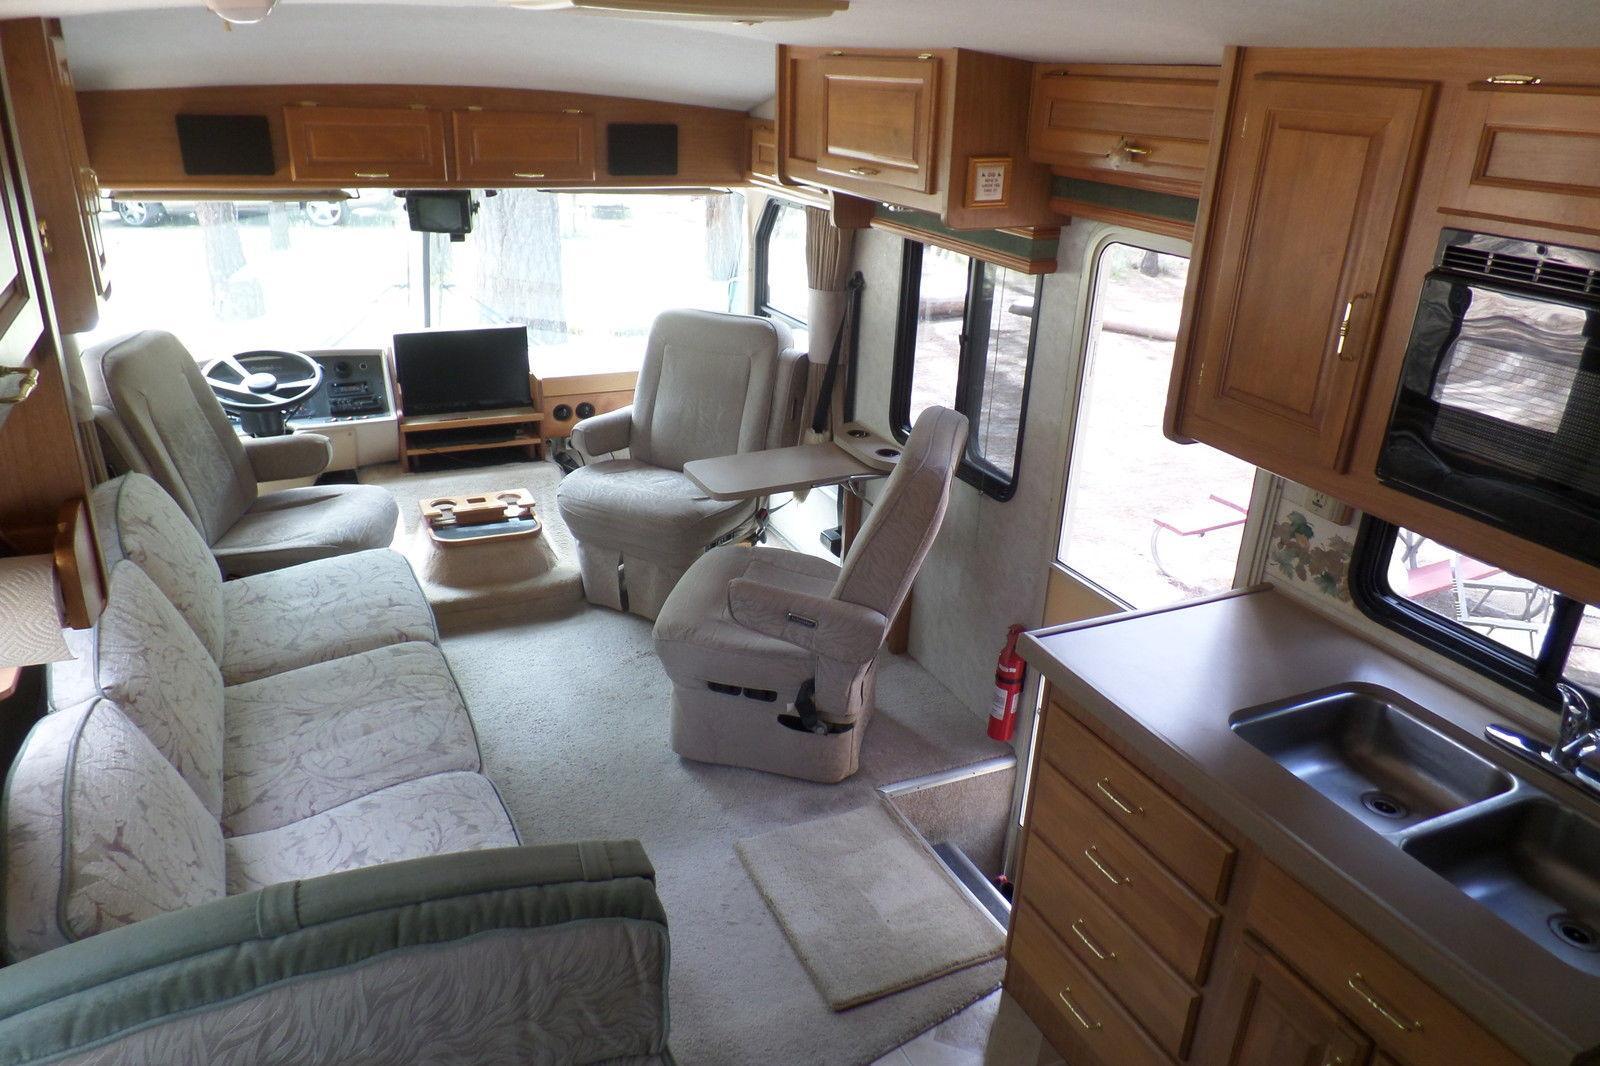 New equipment 1996 Fleetwood Southwind camper motorhome